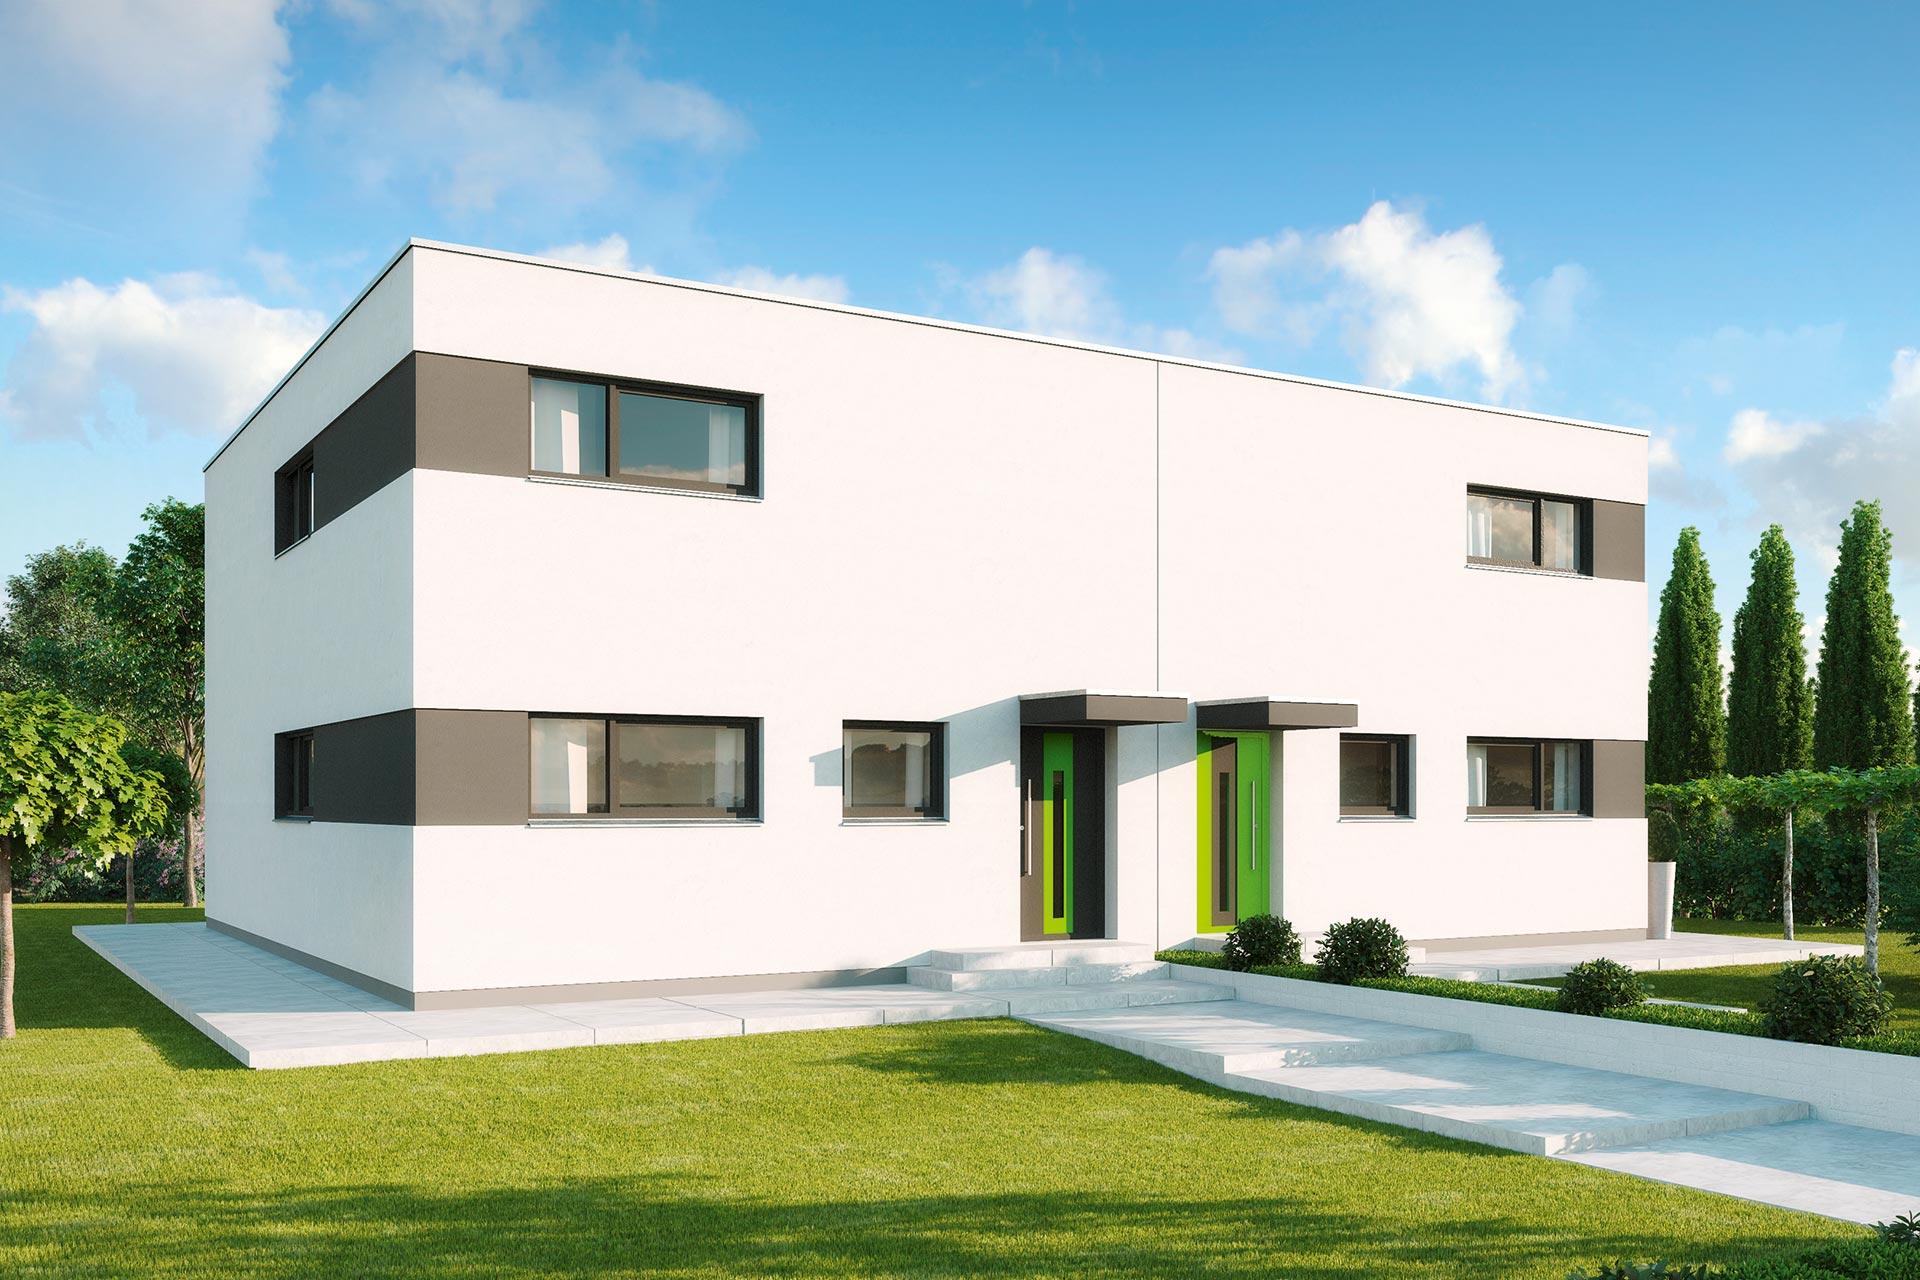 101 Doppelhaus Modern Doppelhaus Oder Reihenhaus Bauen